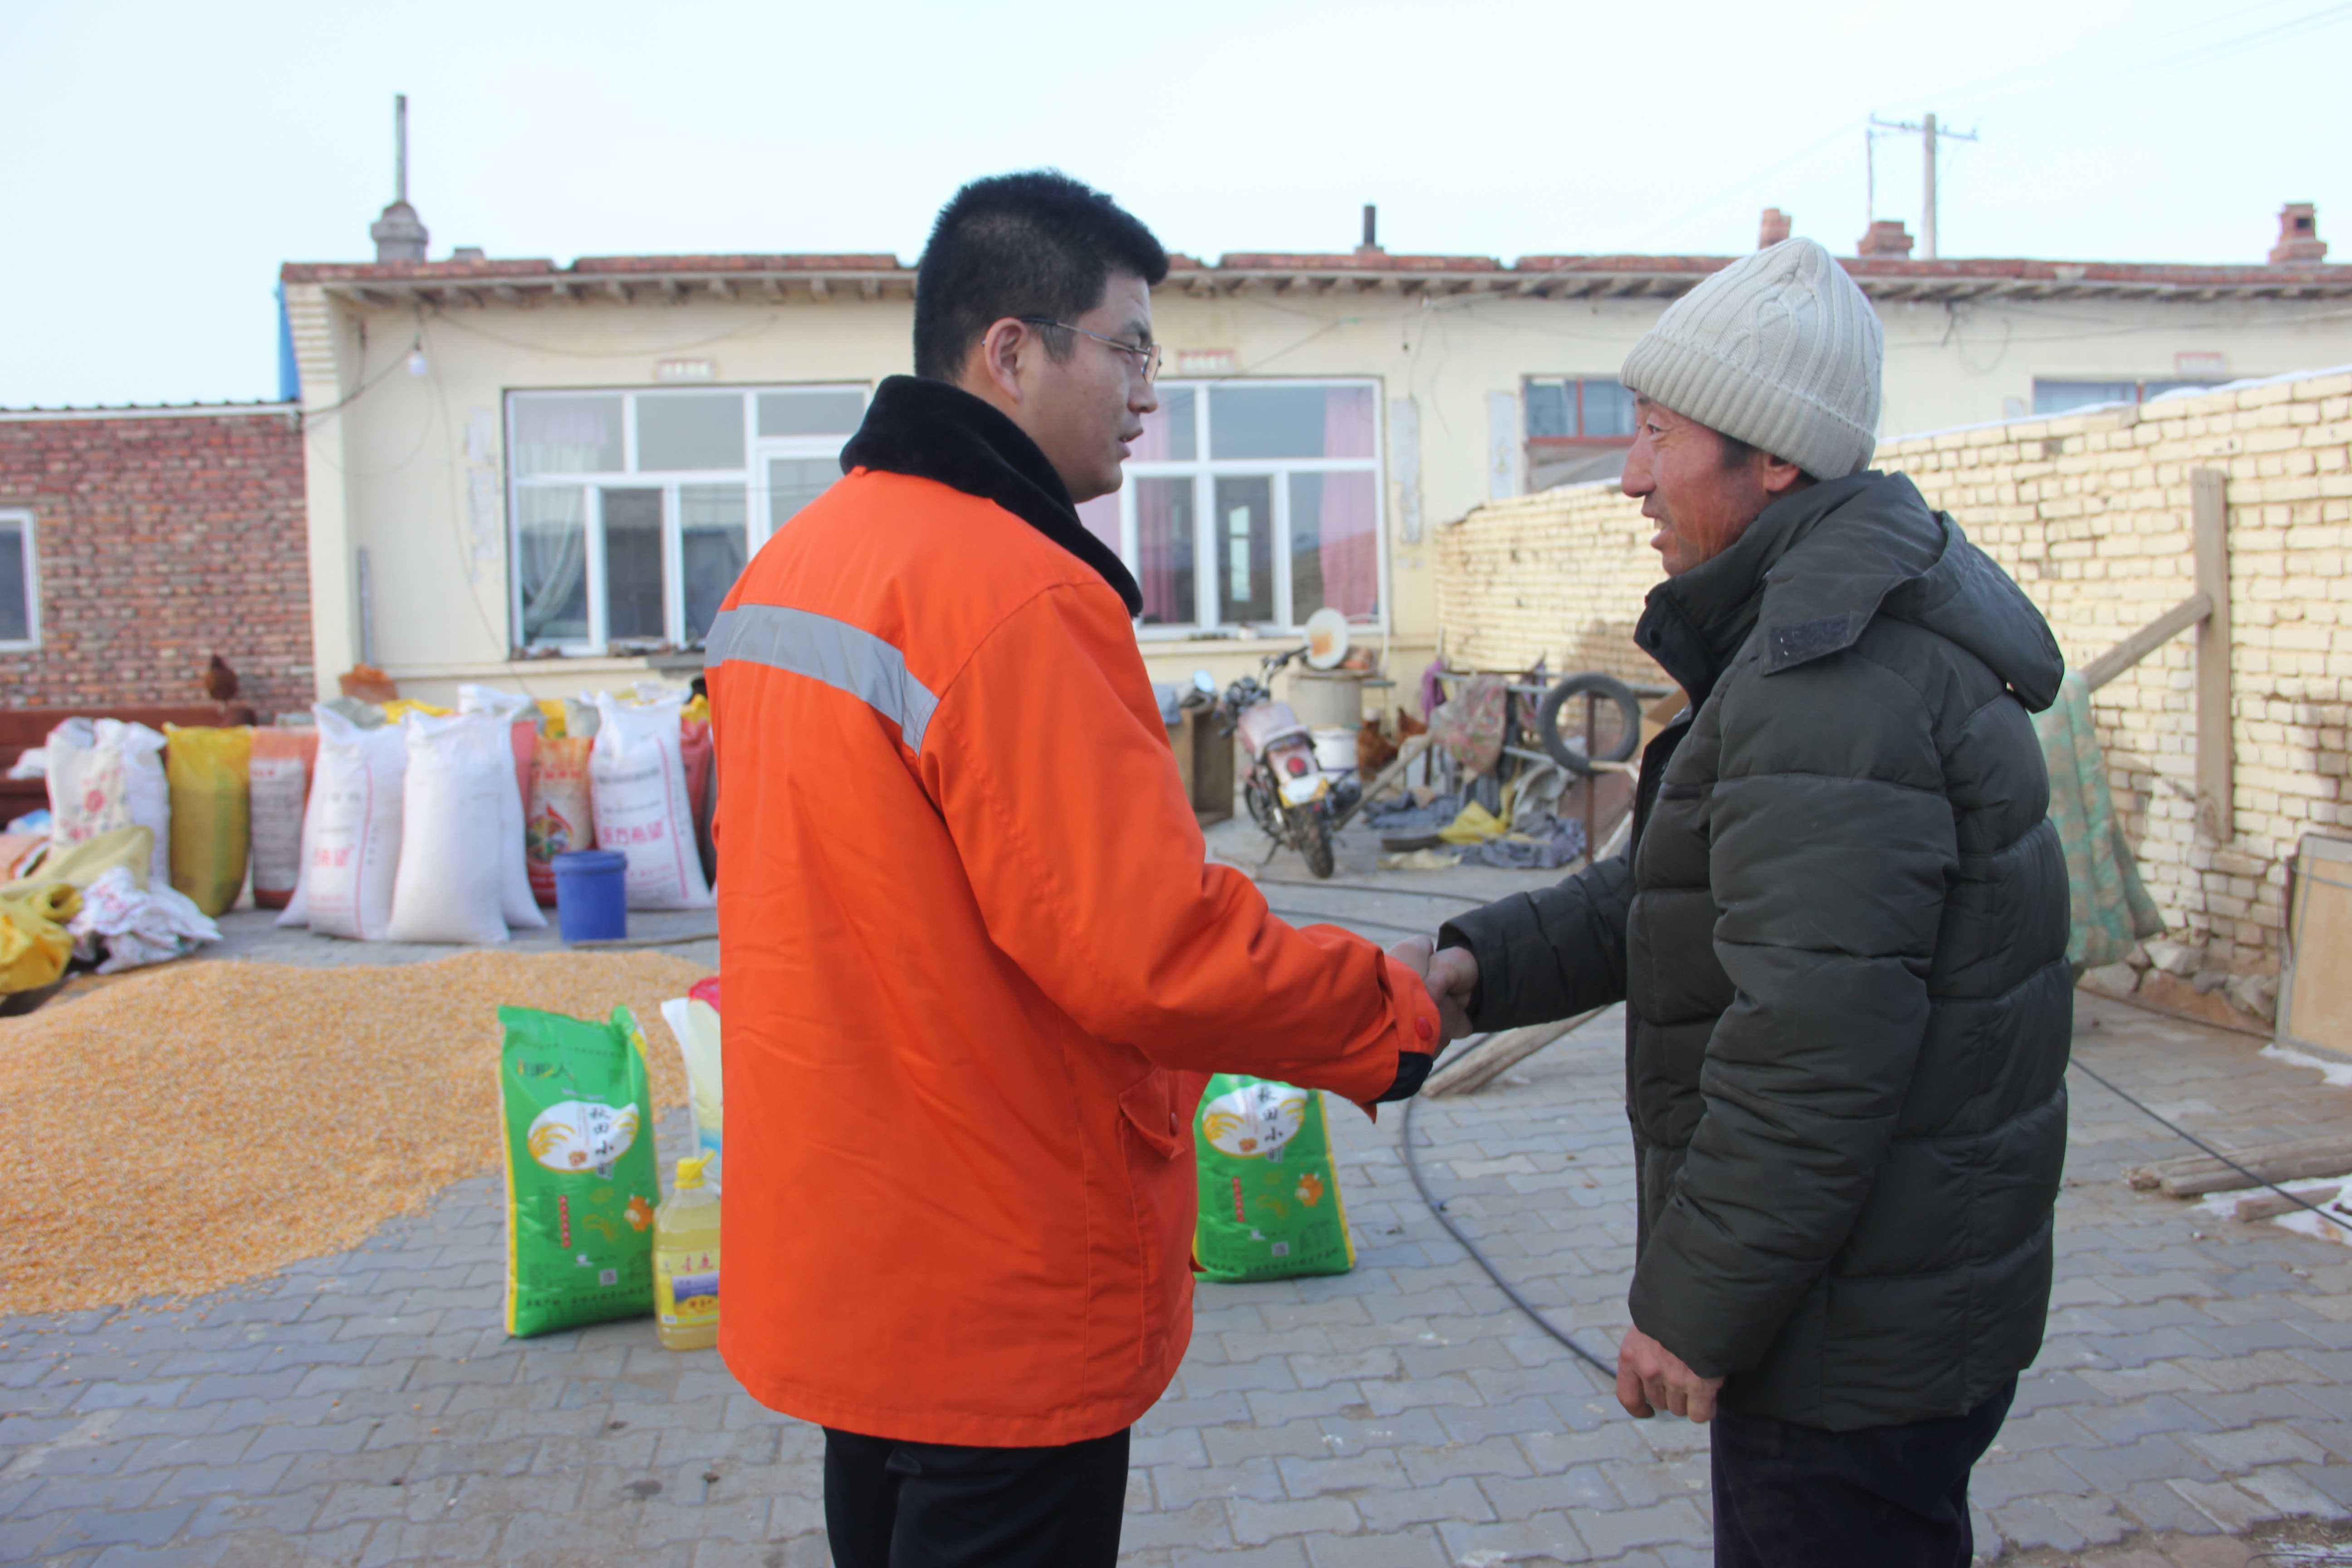 內蒙古太平開展春節前走訪慰問-走訪慰問周邊牧民